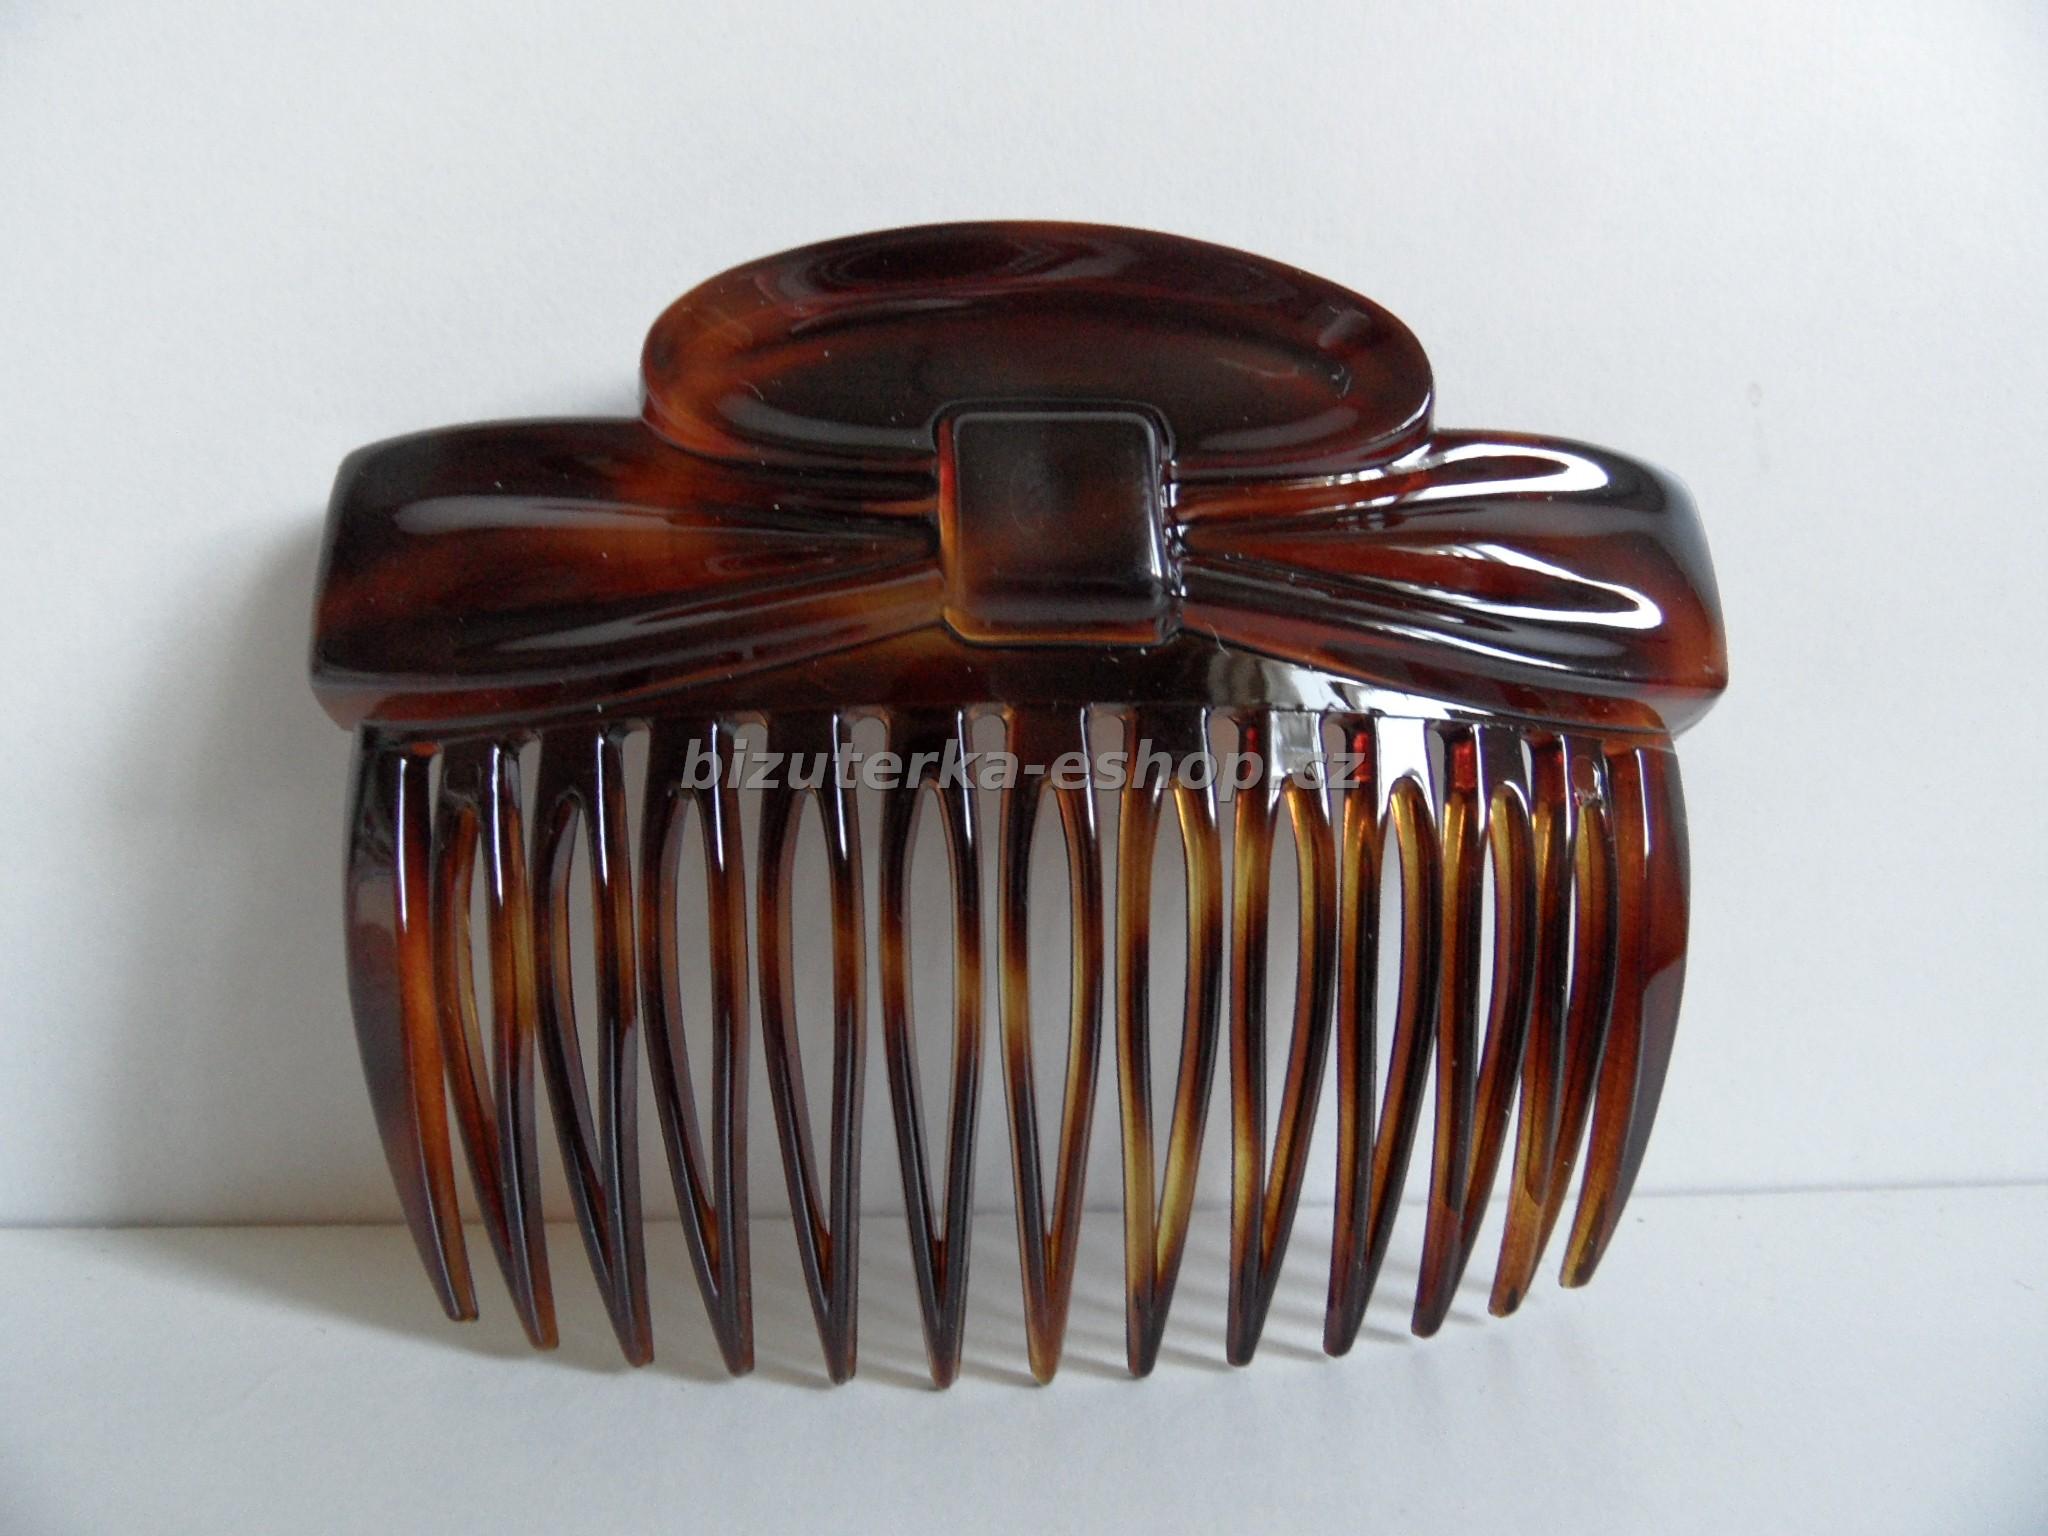 aeb3eaee1e4 Hřeben do vlasů hnědý BZ-05057